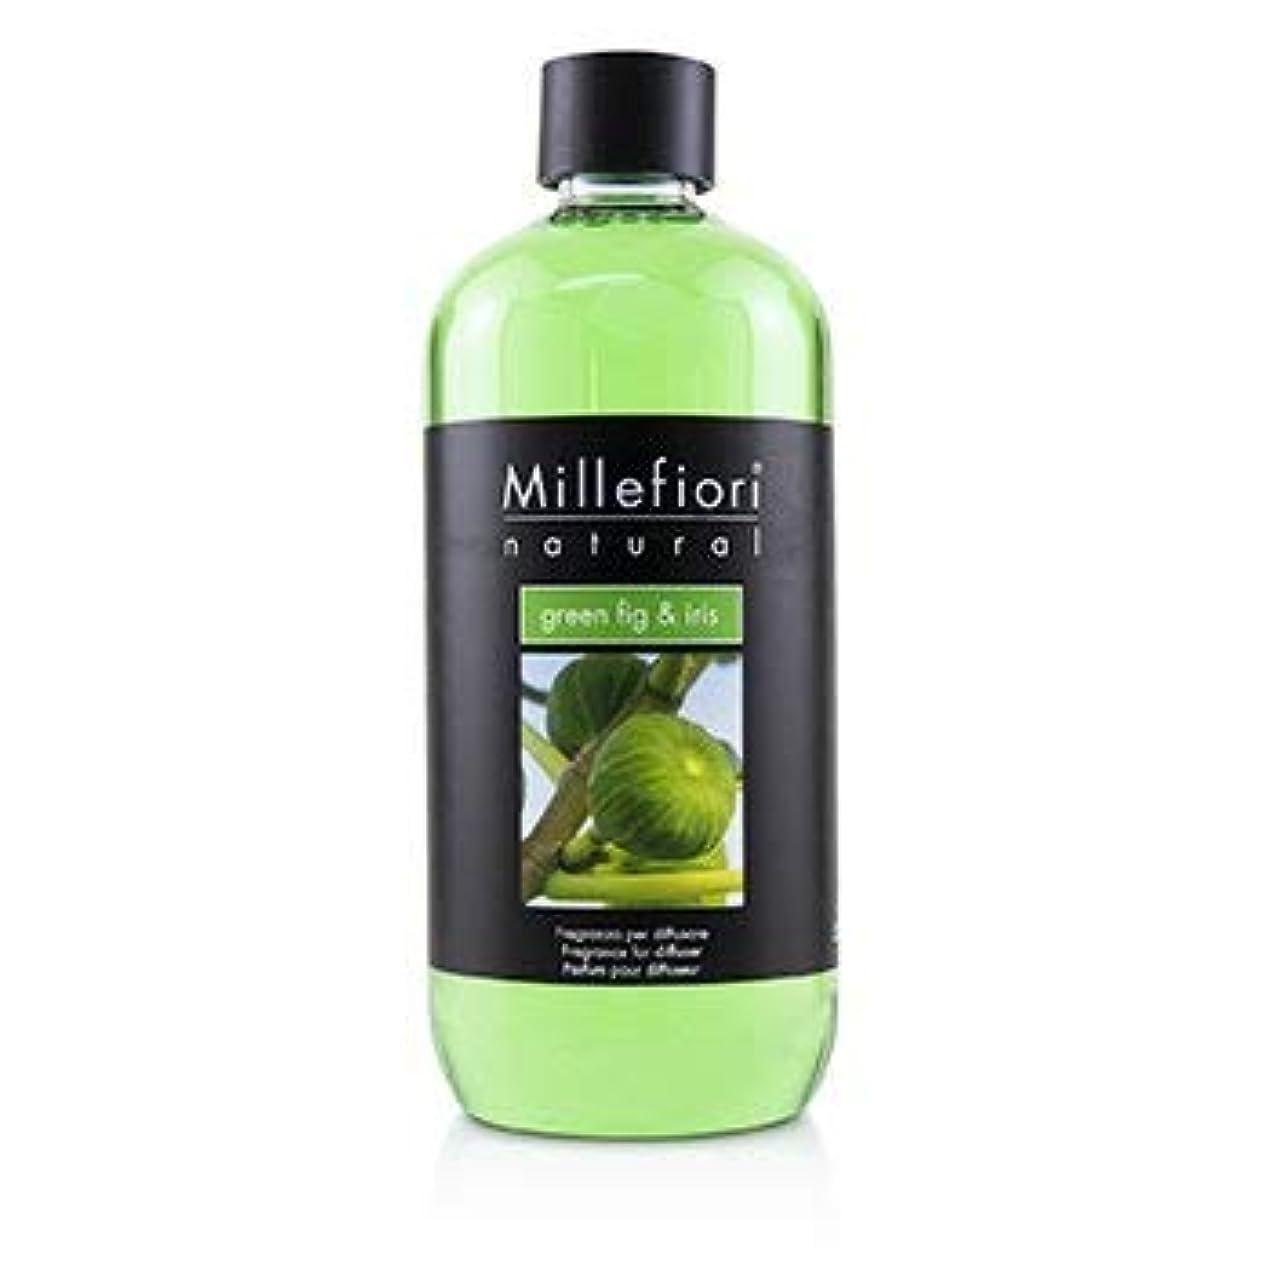 令状セーブいたずらミッレフィオーリ Natural Fragrance Diffuser Refill - Green Fig & Iris 500ml/16.9oz並行輸入品